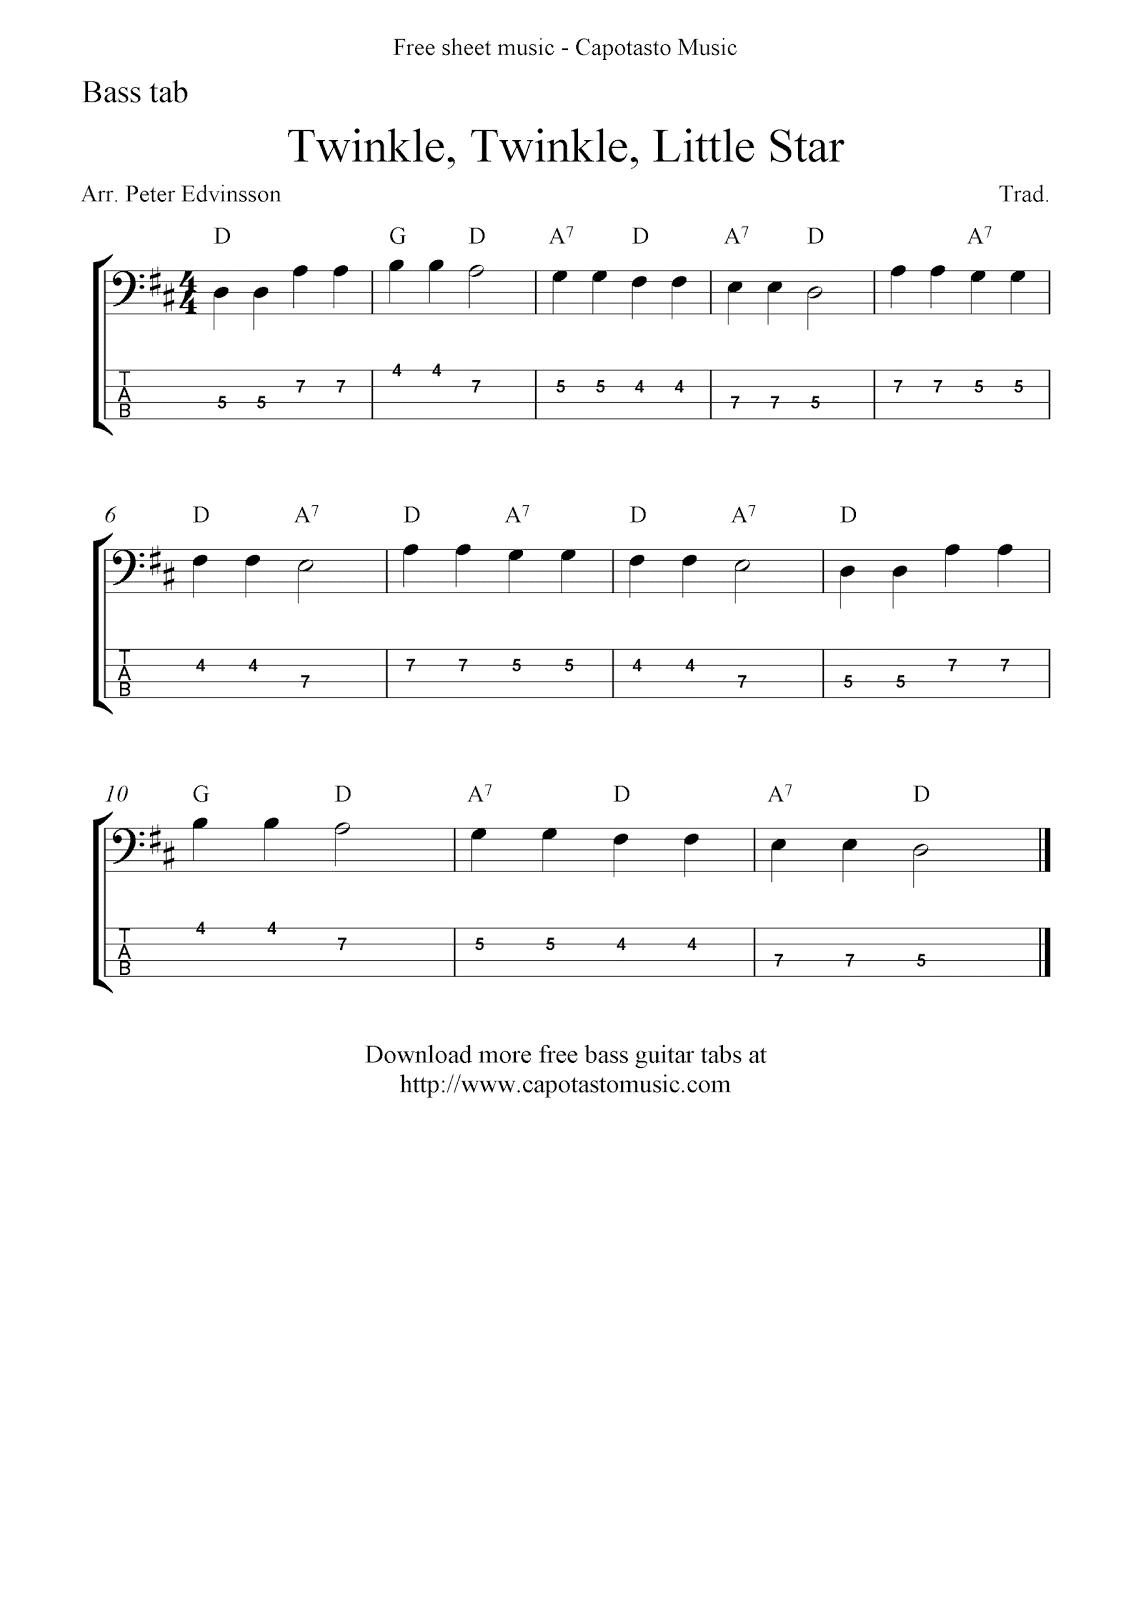 Free Printable Sheet Music Free Bass Guitar Tab Sheet Music